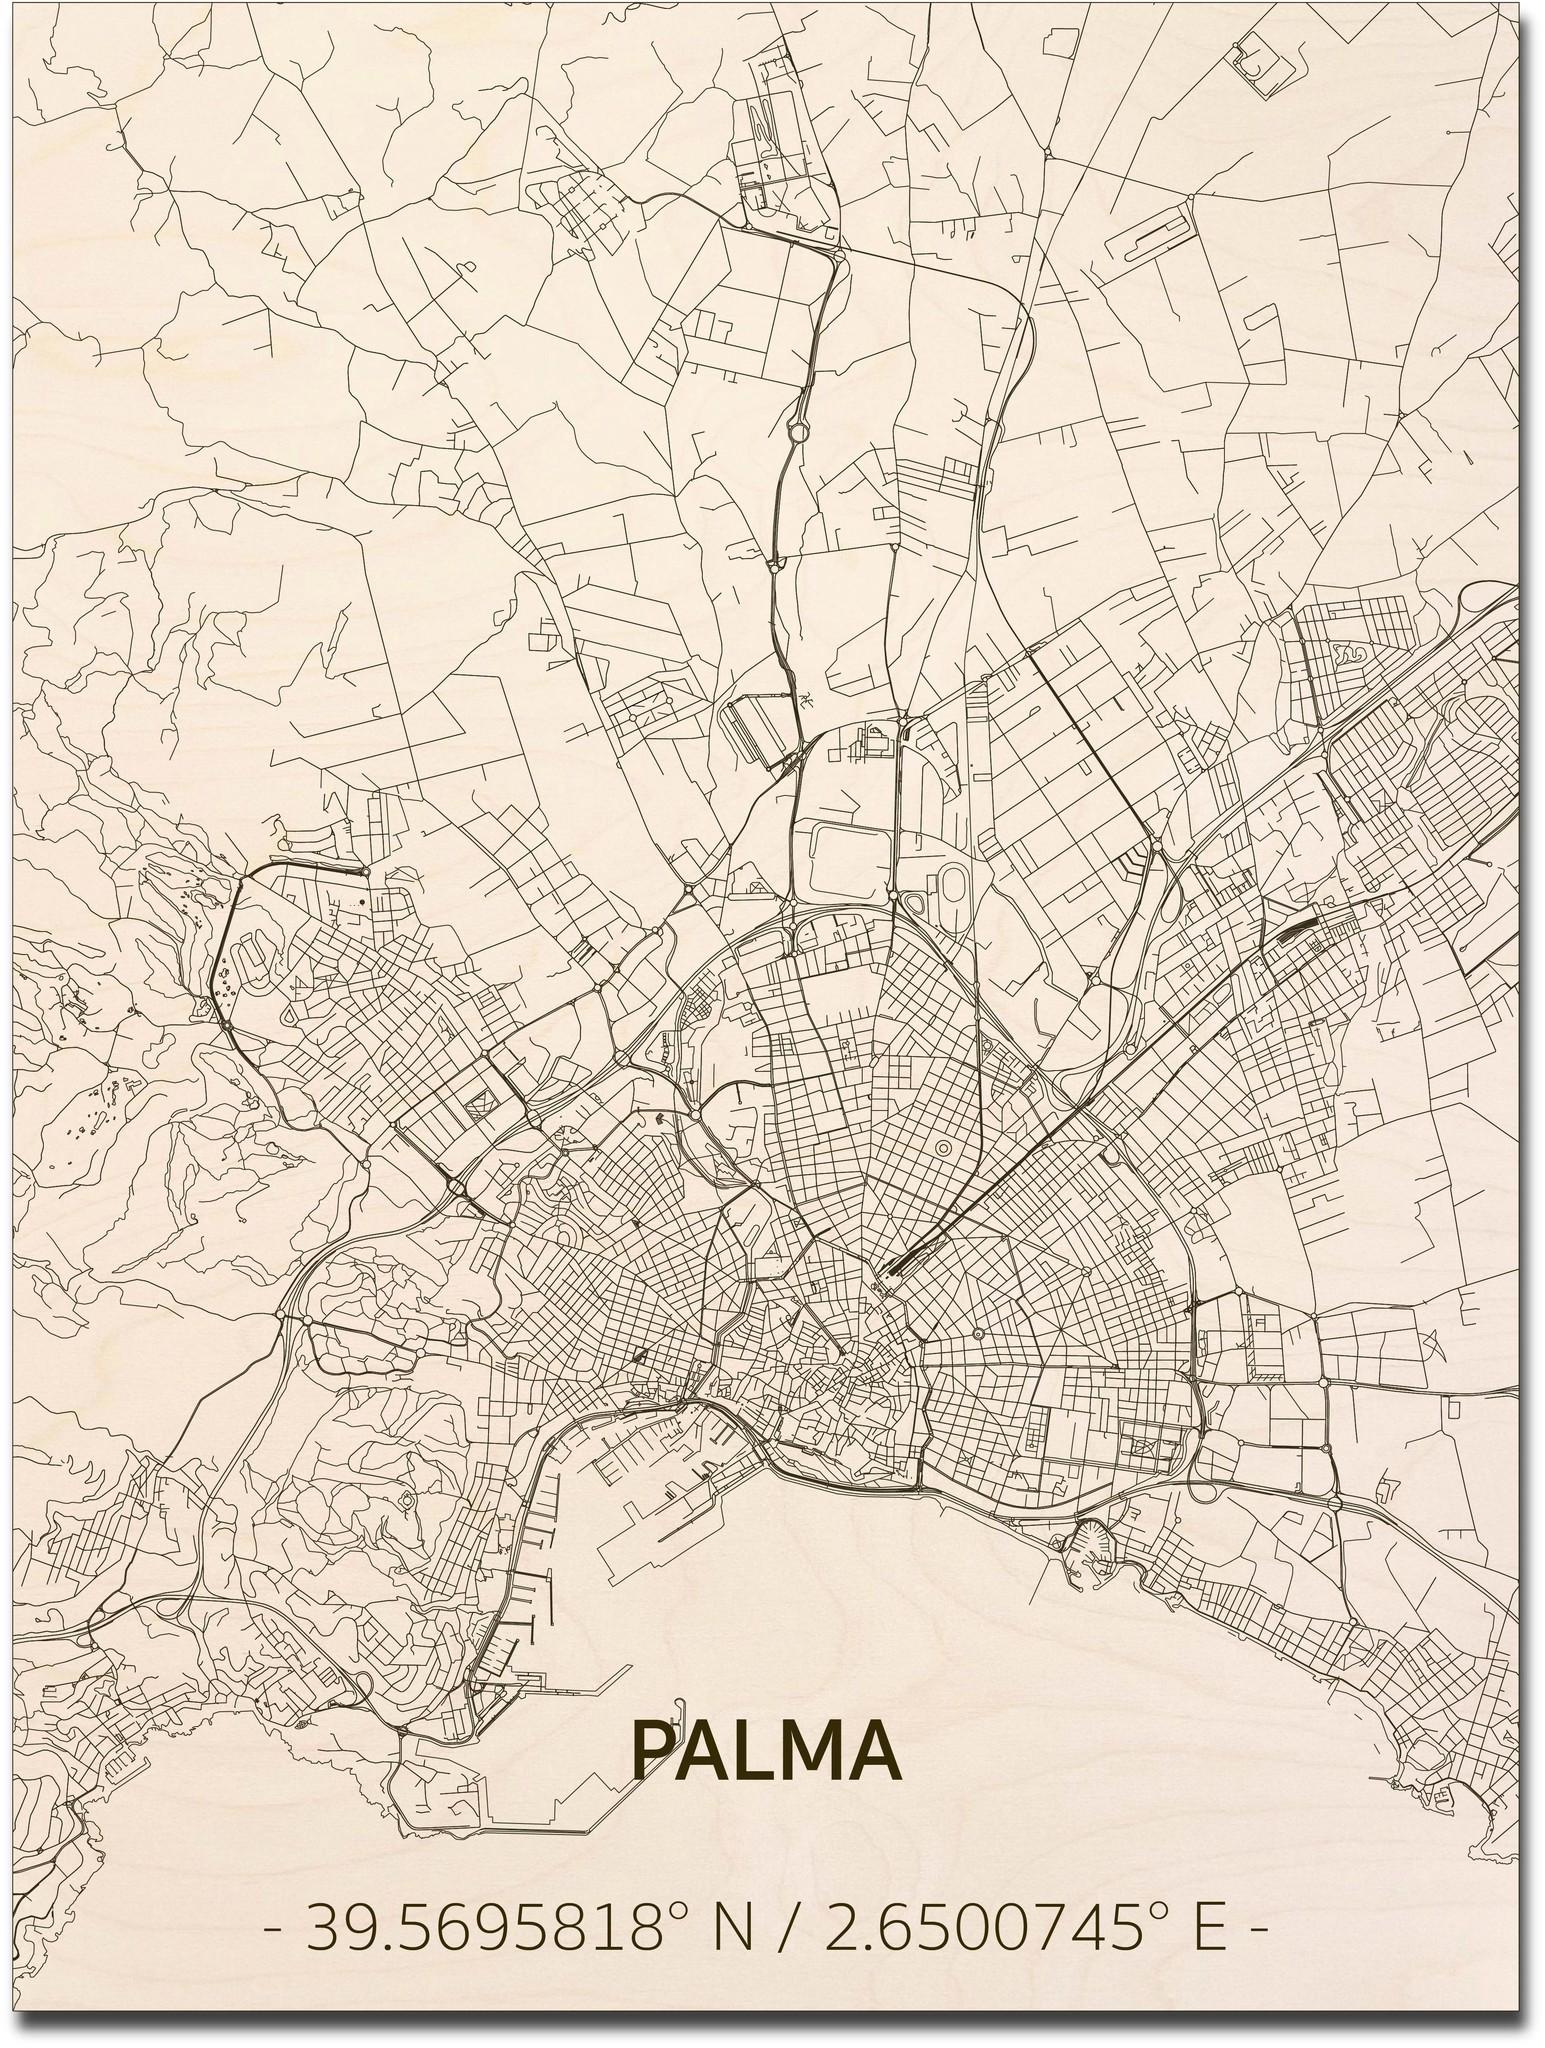 Stadtplan Palma | Wanddekoration Holz-1